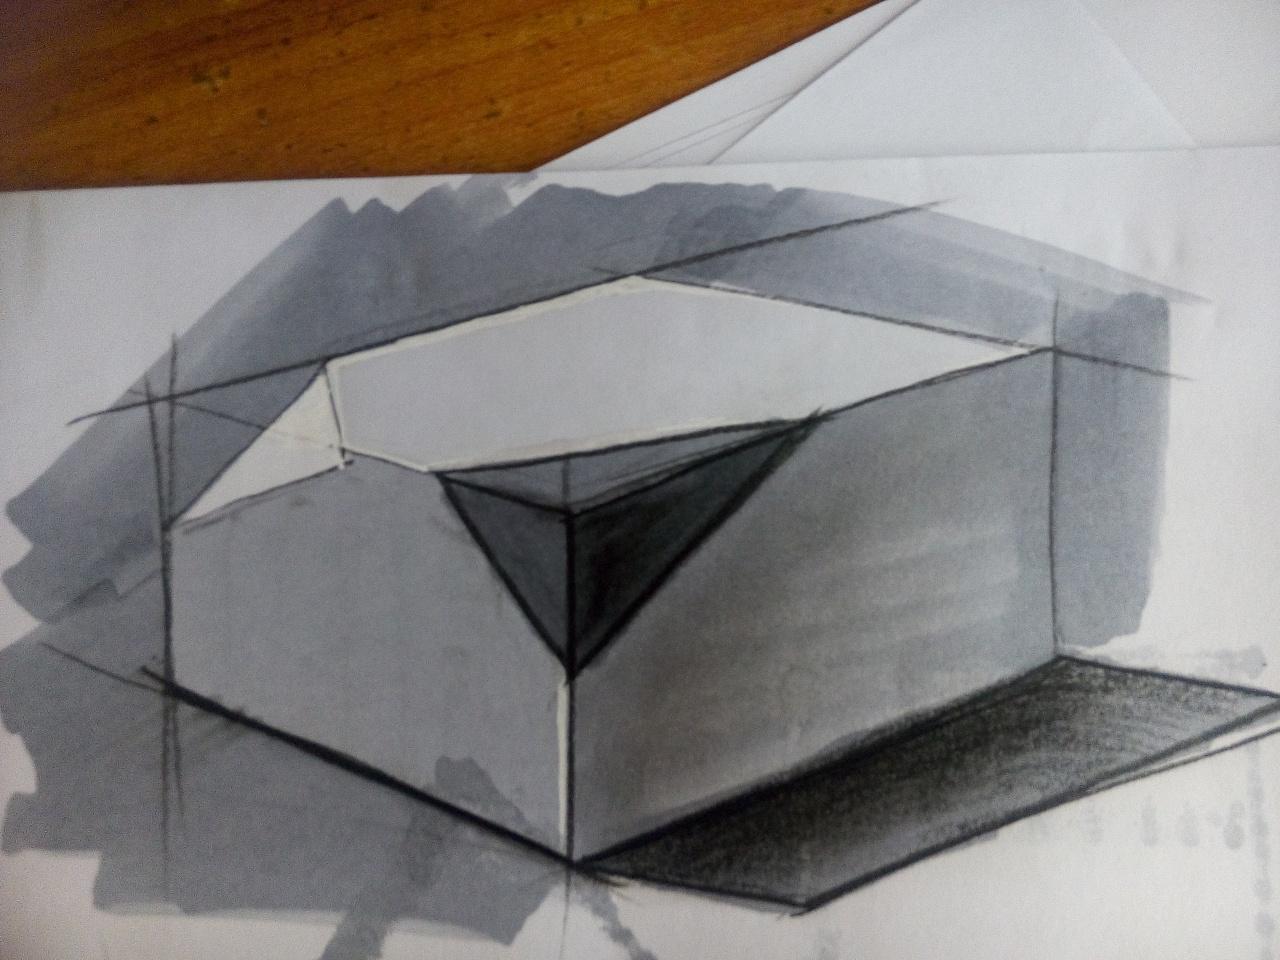 产品设计草图手绘练习2